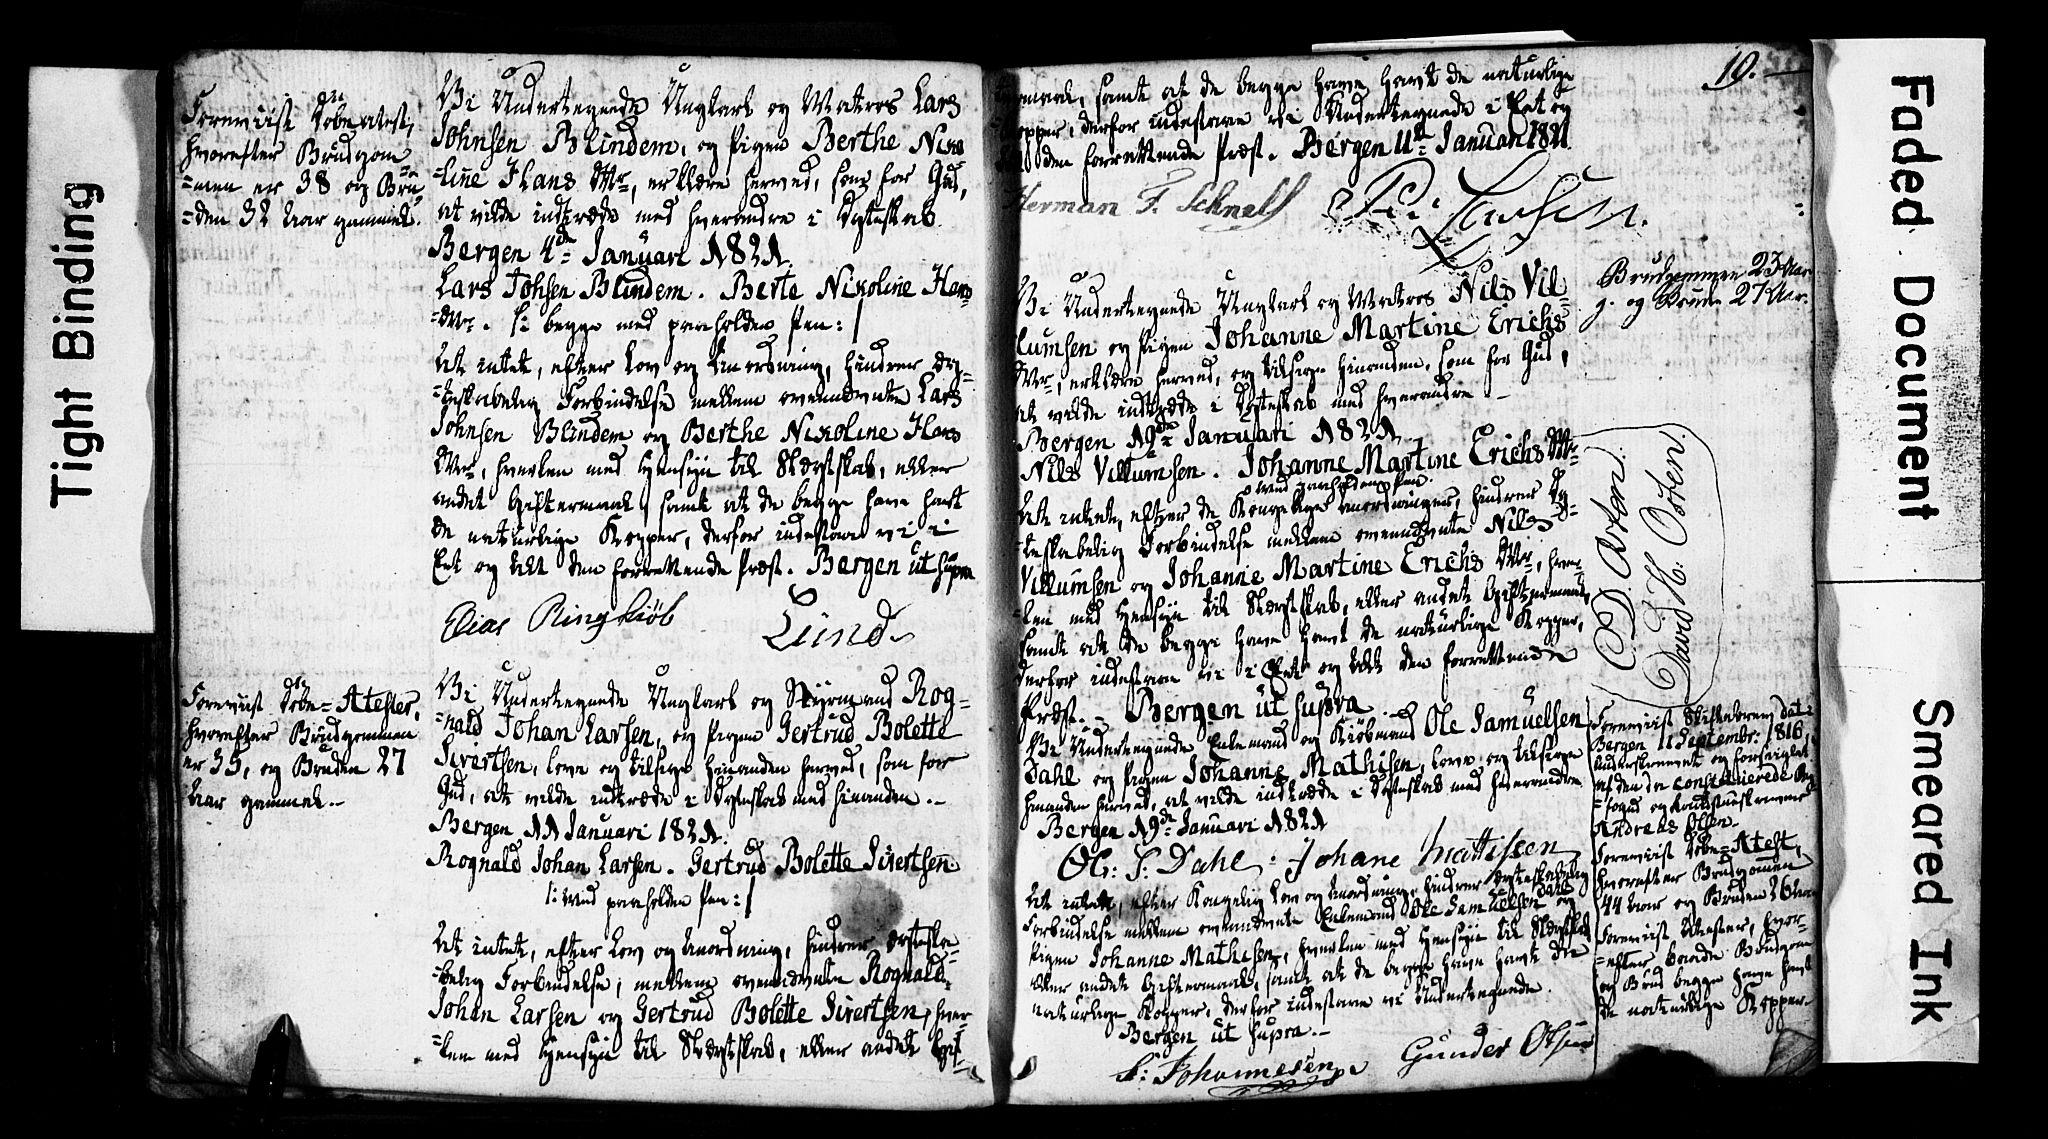 SAB, Domkirken Sokneprestembete, Forlovererklæringer nr. II.5.2, 1820-1832, s. 19